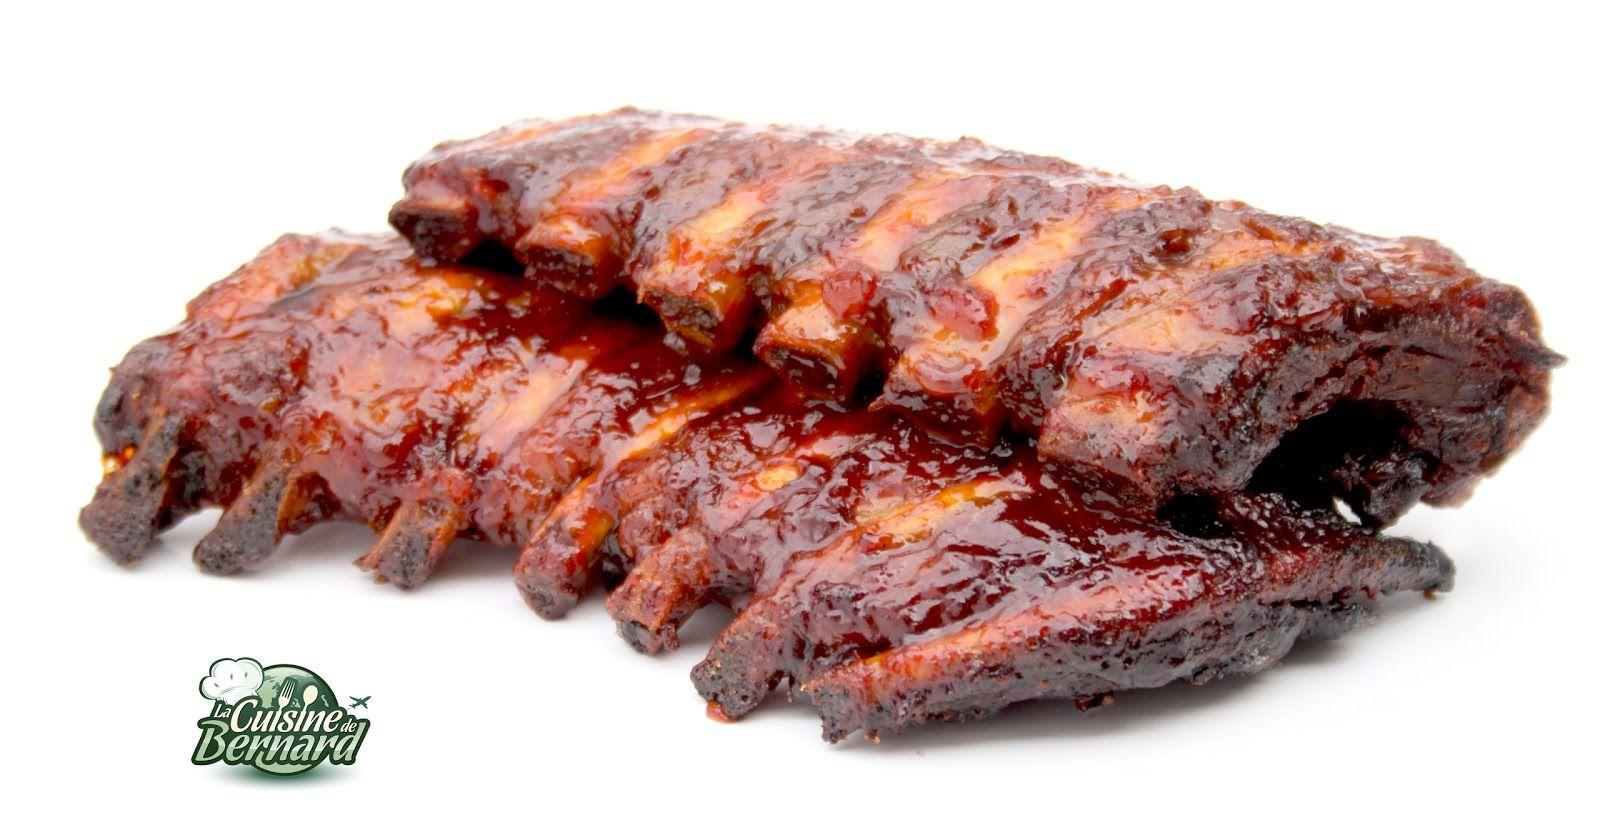 La cuisine de bernard travers de porc grill s sauce barbecue cuisine porc grill sauce - Cuisiner travers de porc ...